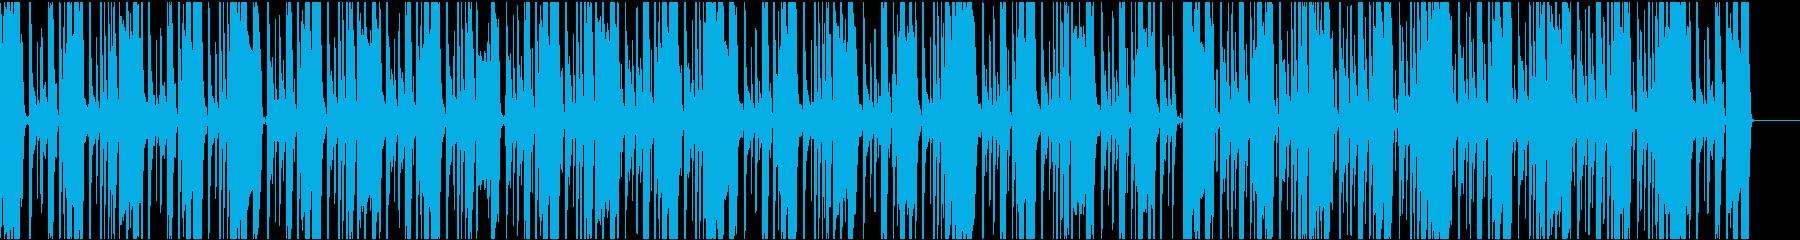 ブレイクビーツ 実験的な Hip-...の再生済みの波形